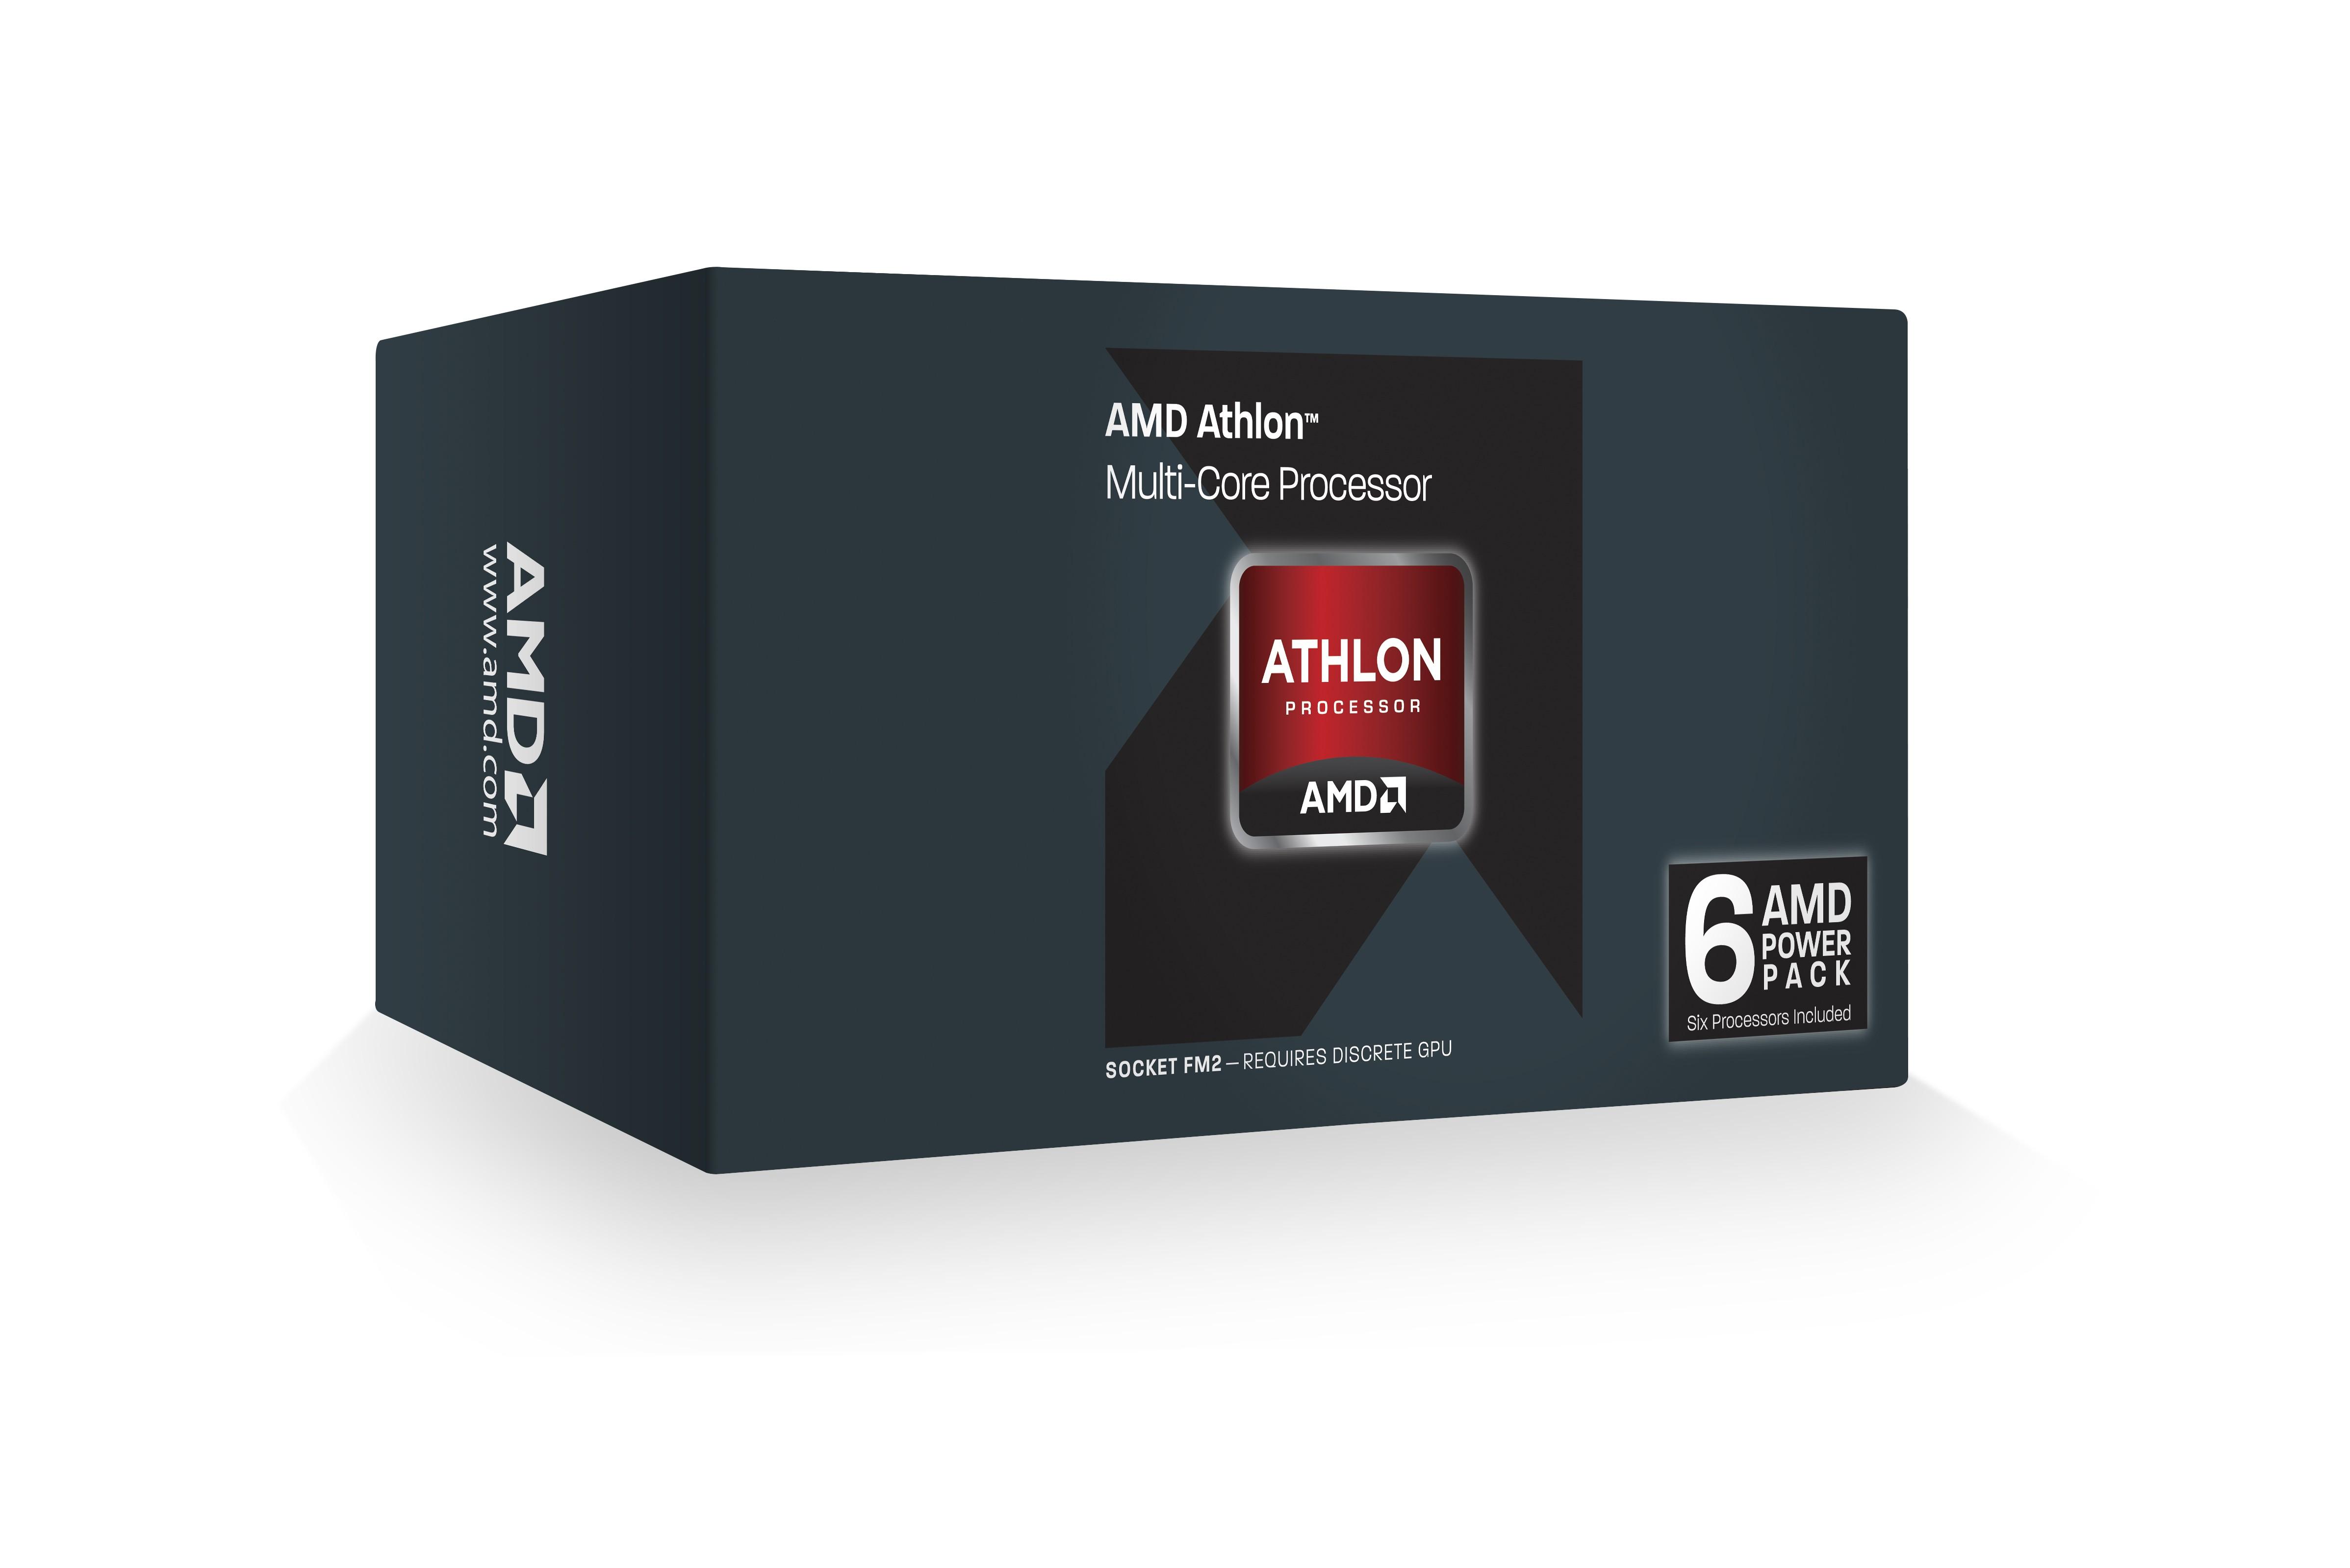 AMD PowerPack Athlon PIB - AMD giới thiệu gói sản phẩm cho hệ thống quy mô nhỏ